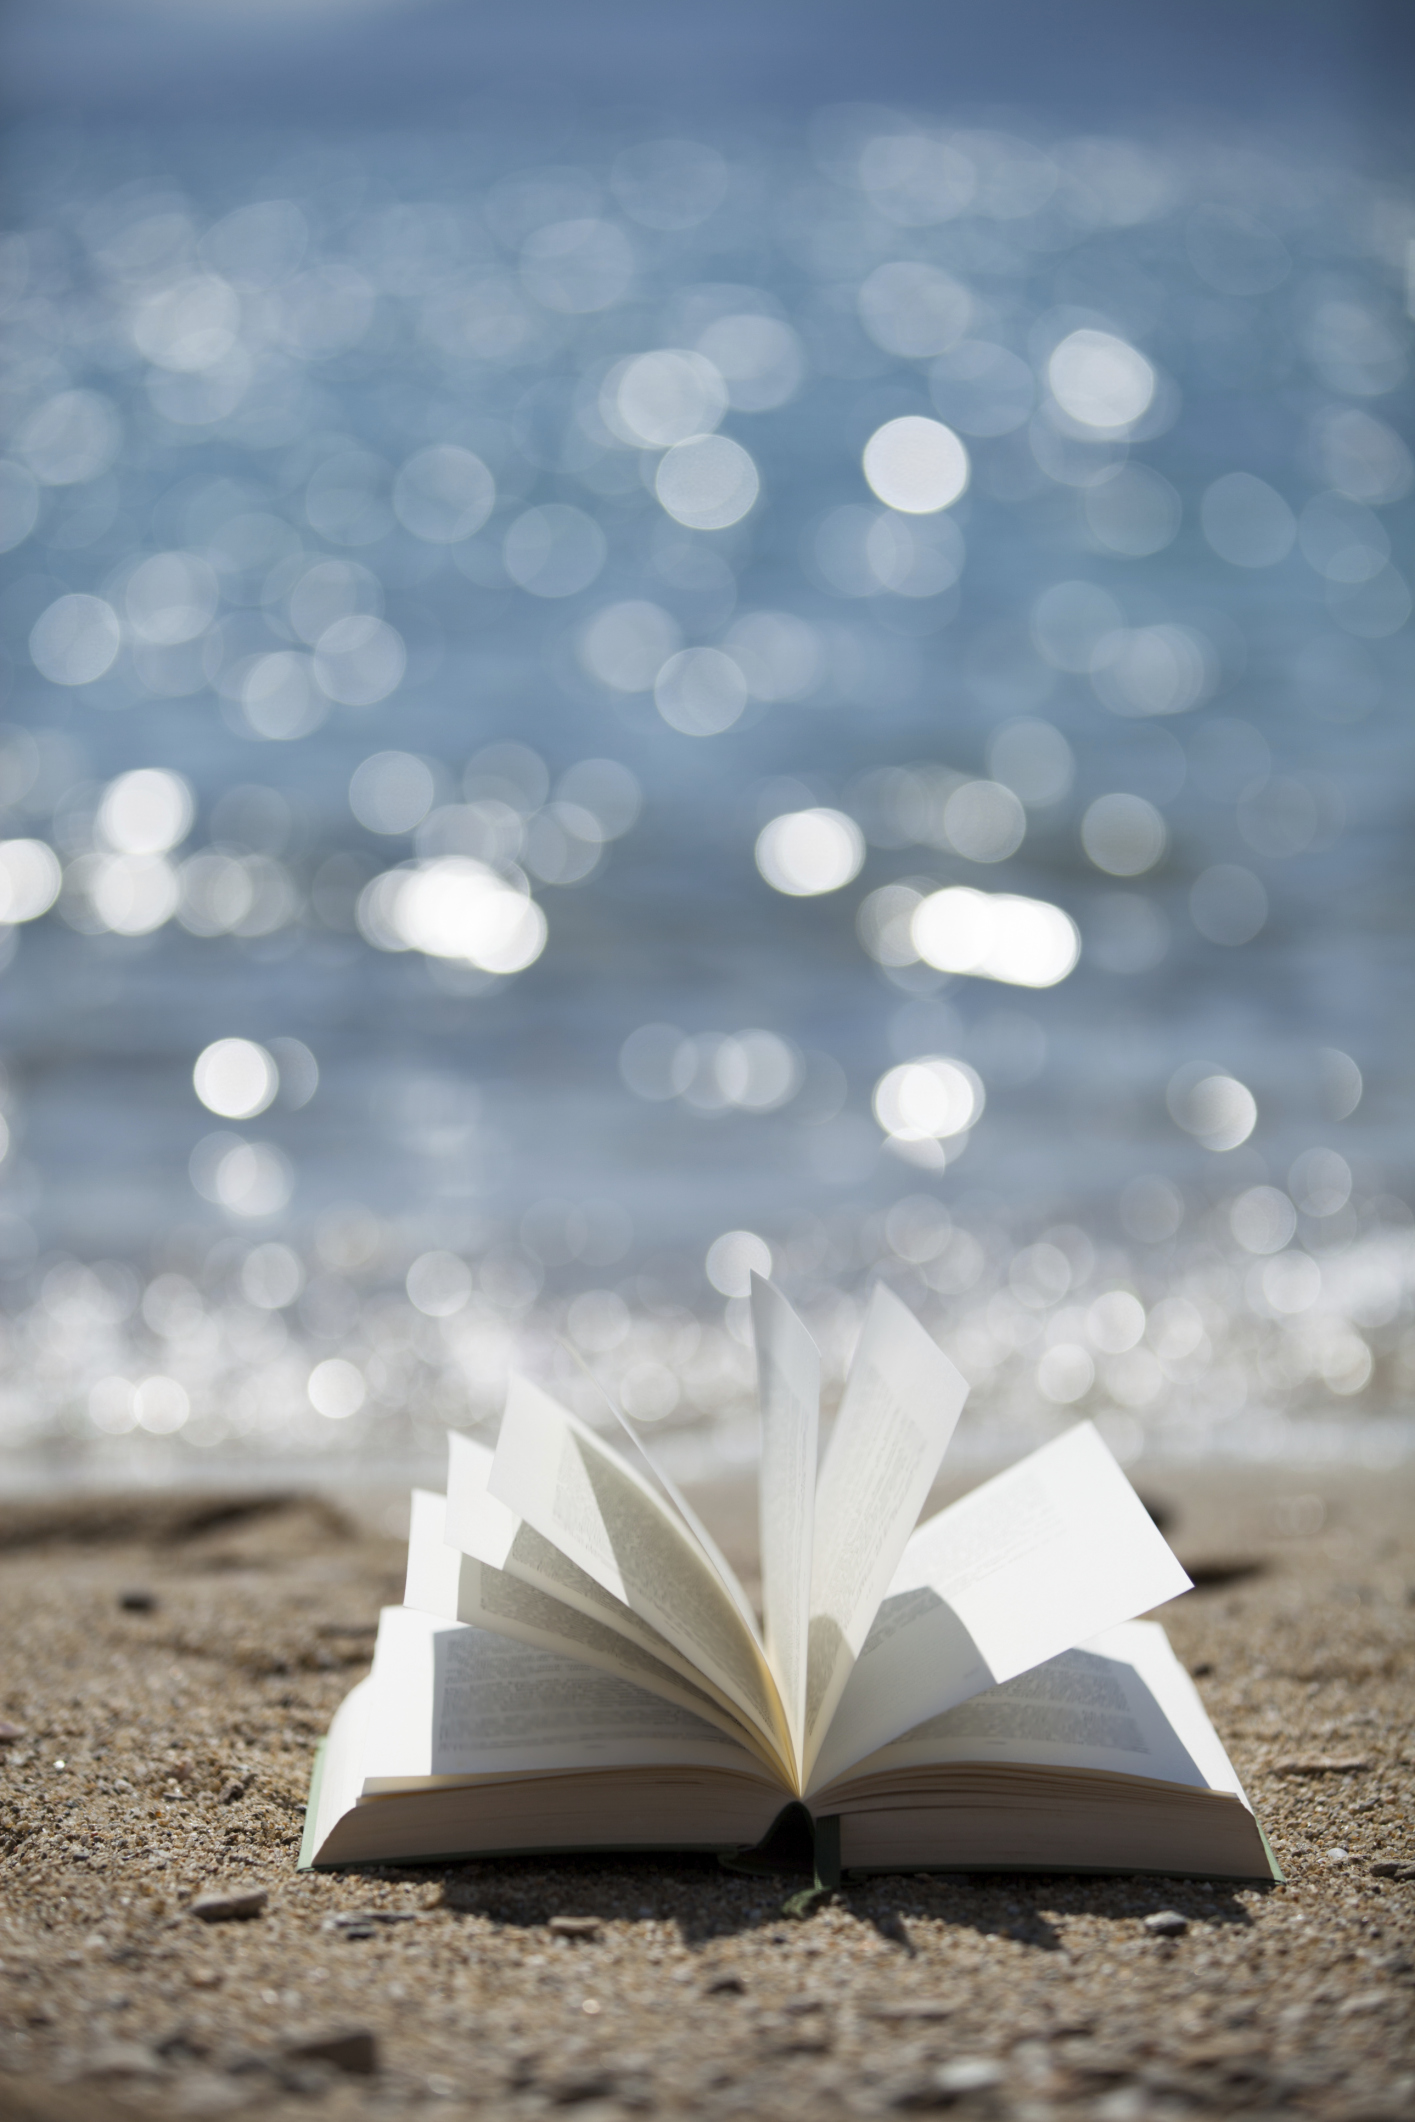 Buch im Wind mit Meeresglitzern